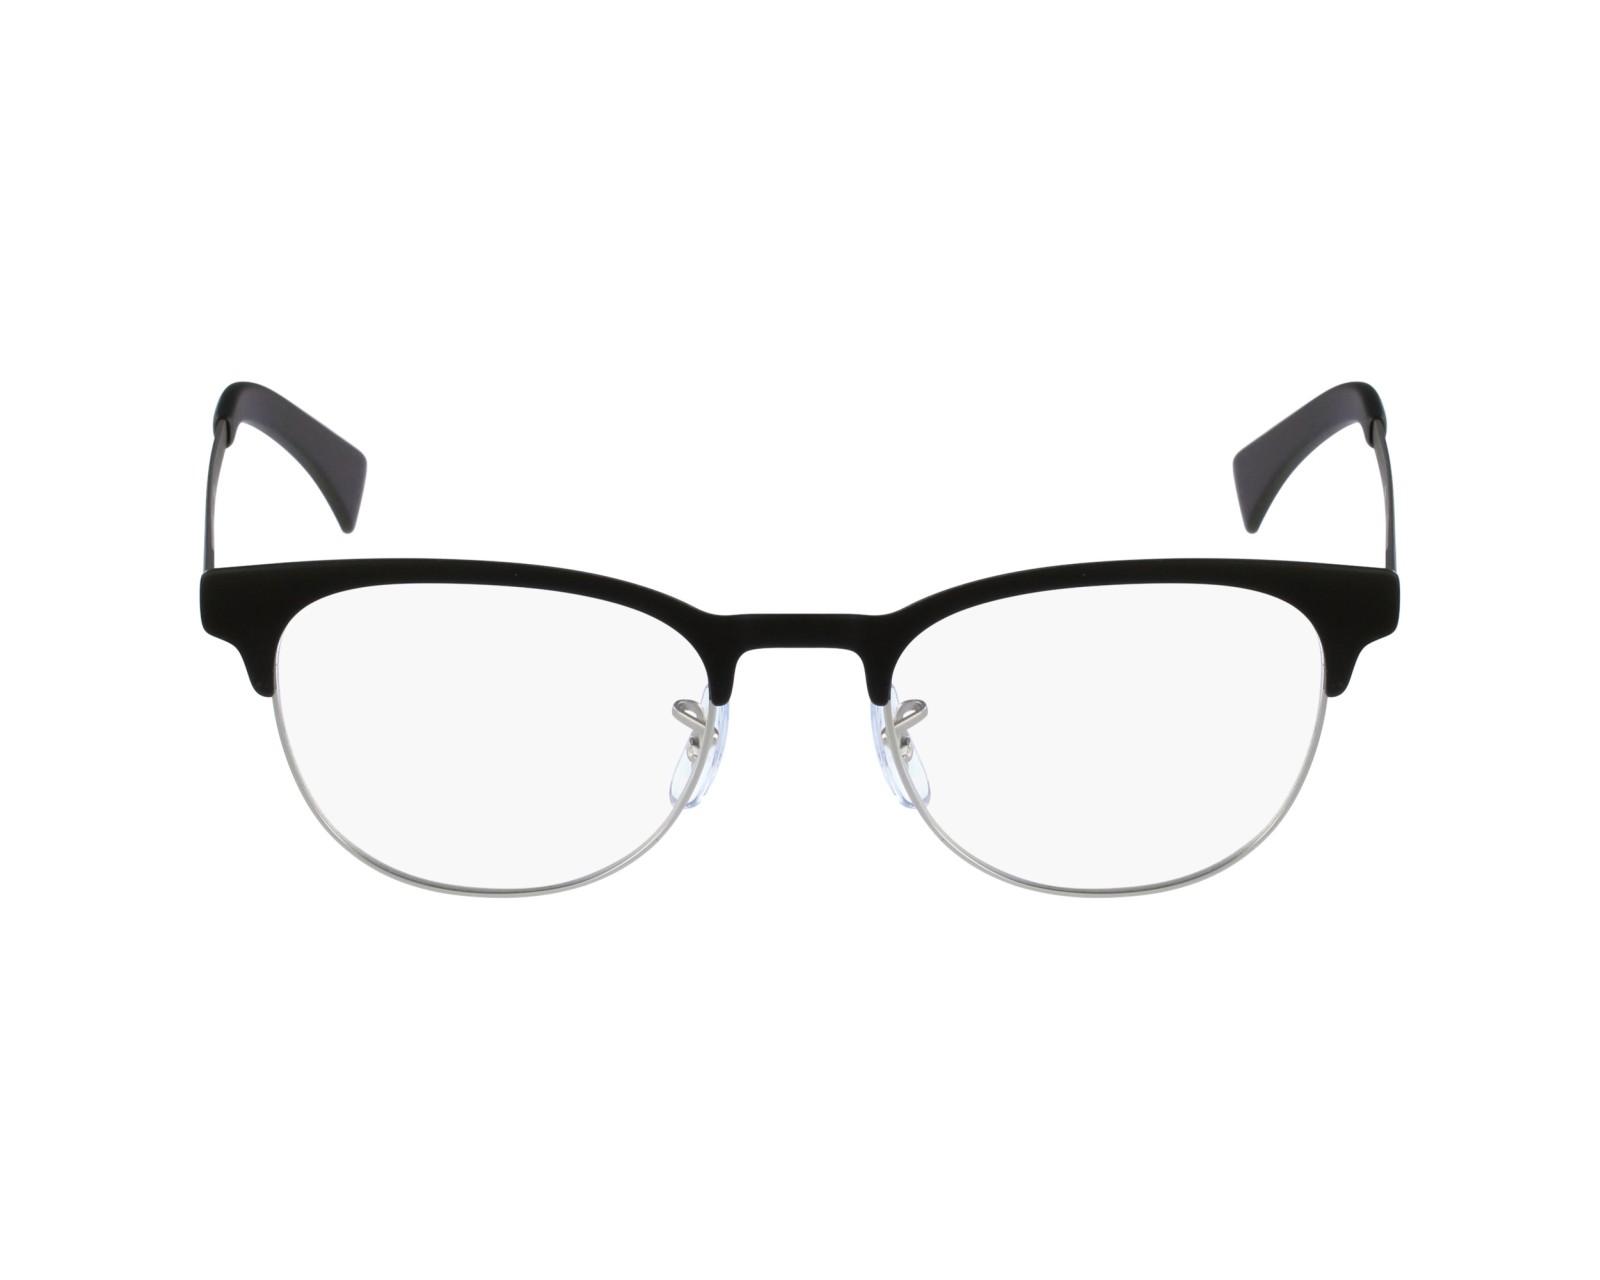 e2bd5bee404 eyeglasses Ray-Ban RX-6317 2832 49-20 Black Silver profile view